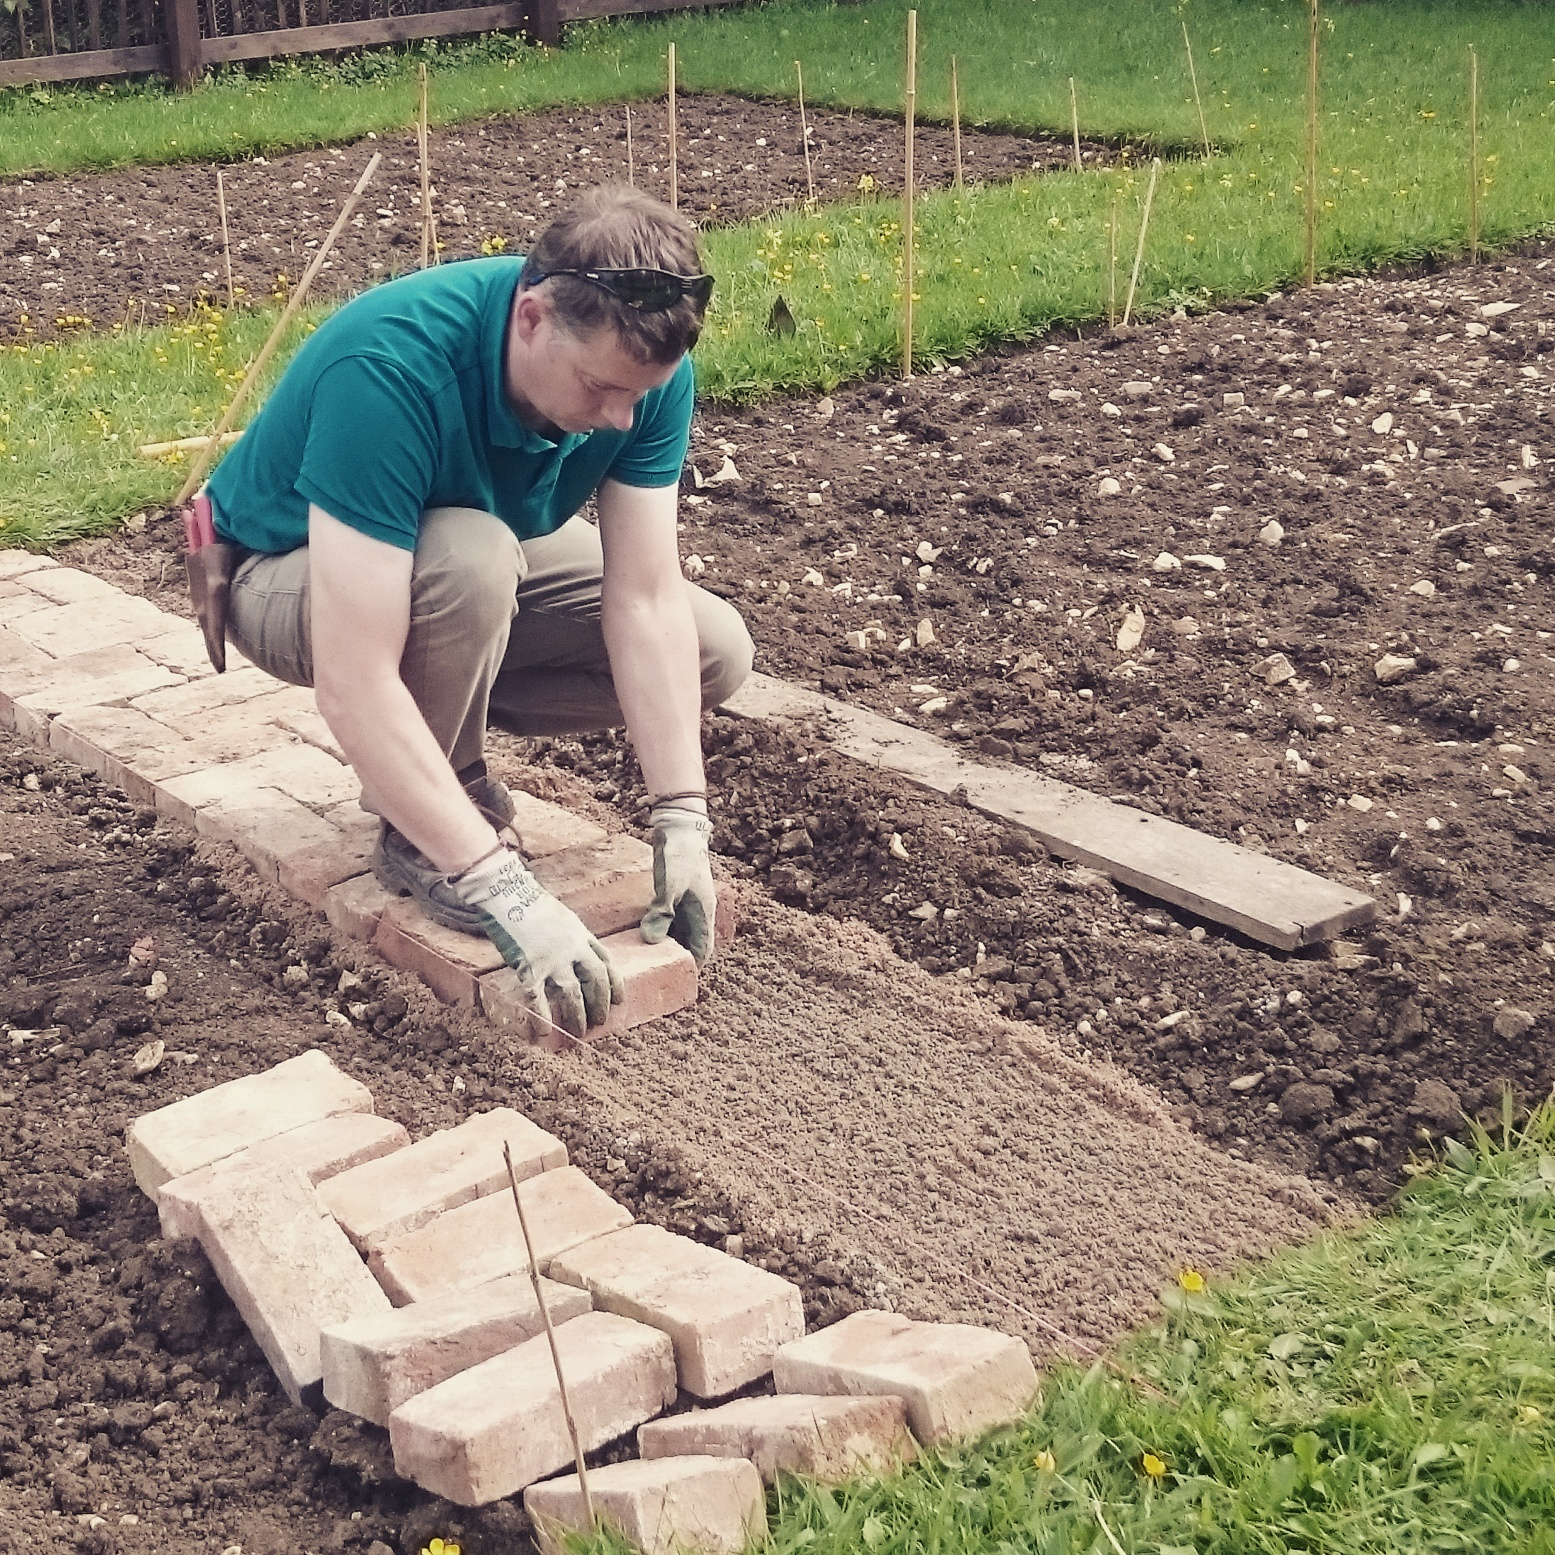 laying a brick path